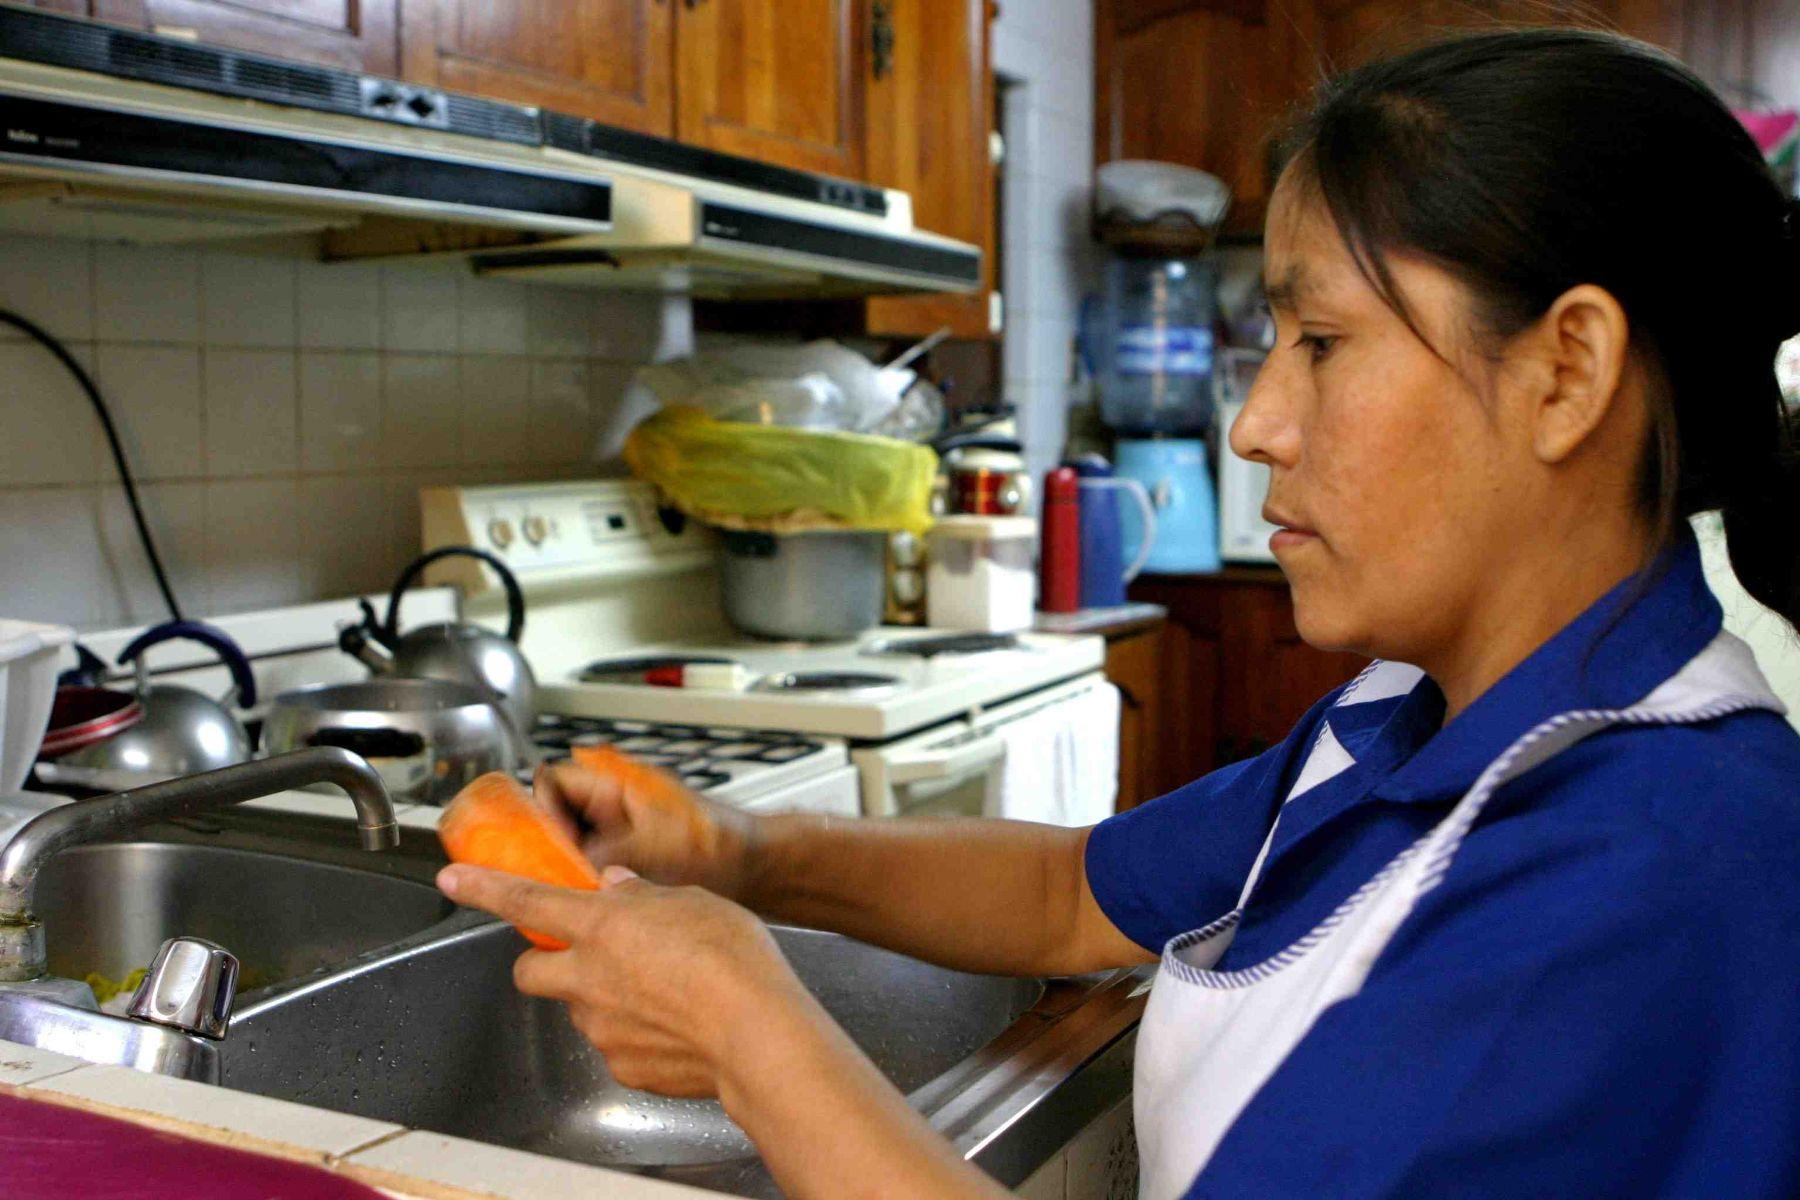 Mimp m s trabajadoras del hogar gozar n de seguro social for Formulario trabajadores del hogar